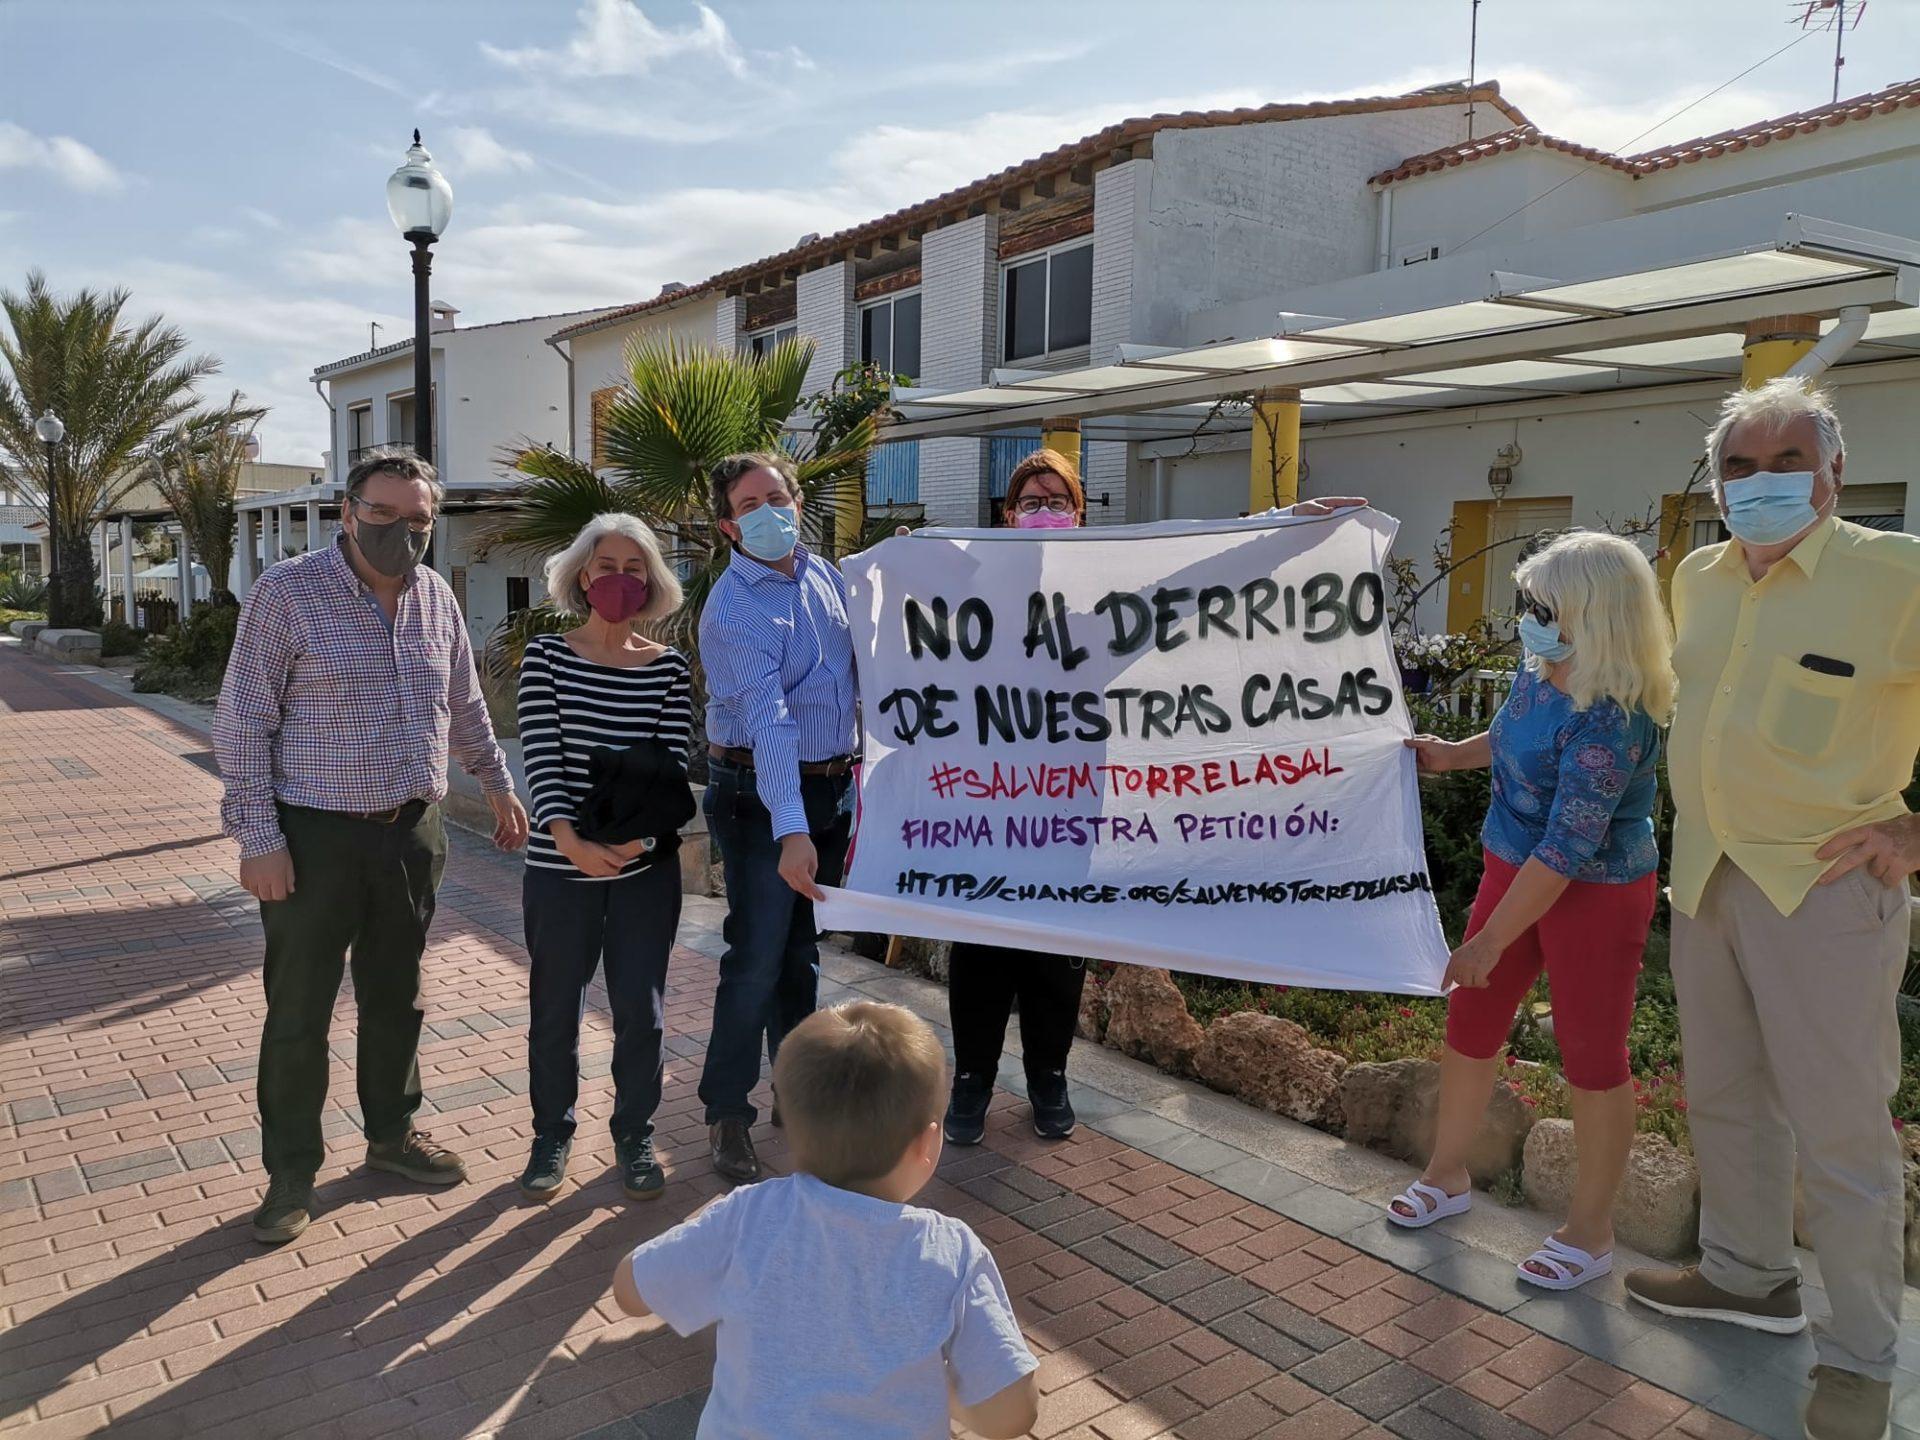 Imagen del diputado de Cs con los vecinos de Torre la Sal